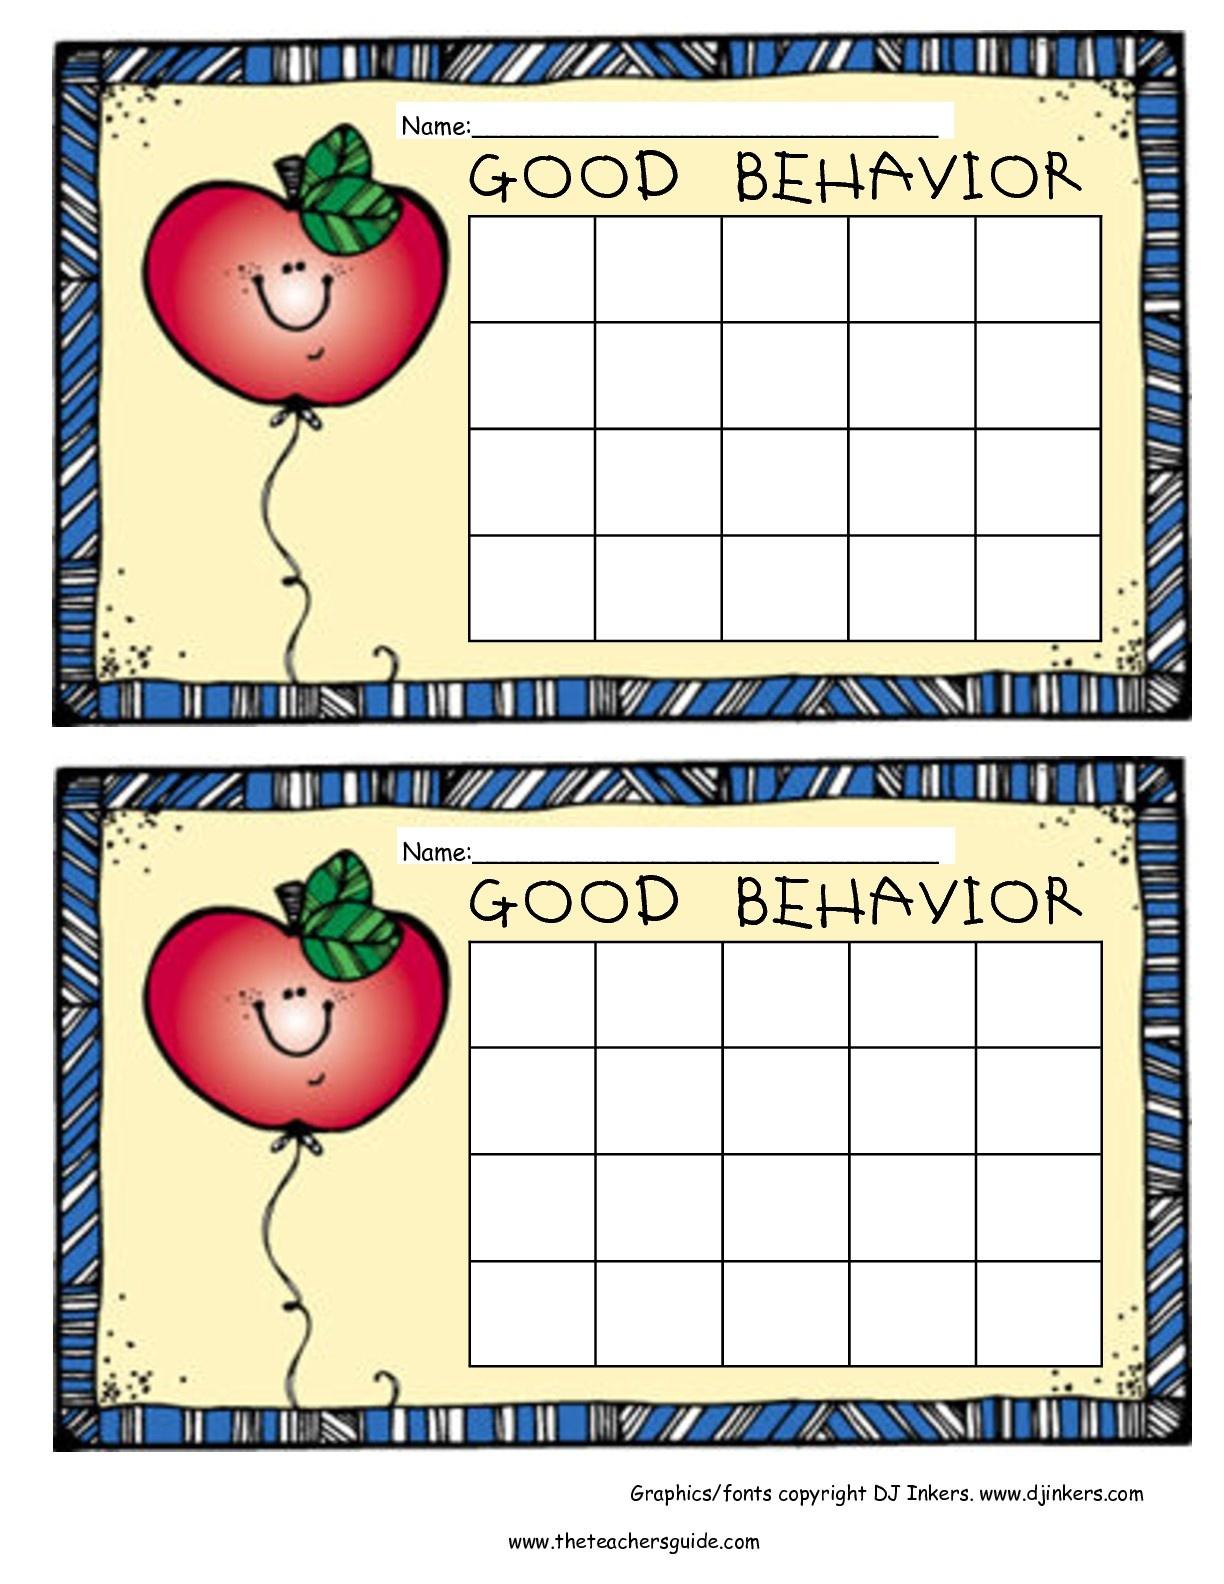 Free Printable Reward And Incentive Charts - Reward Charts For Toddlers Free Printable